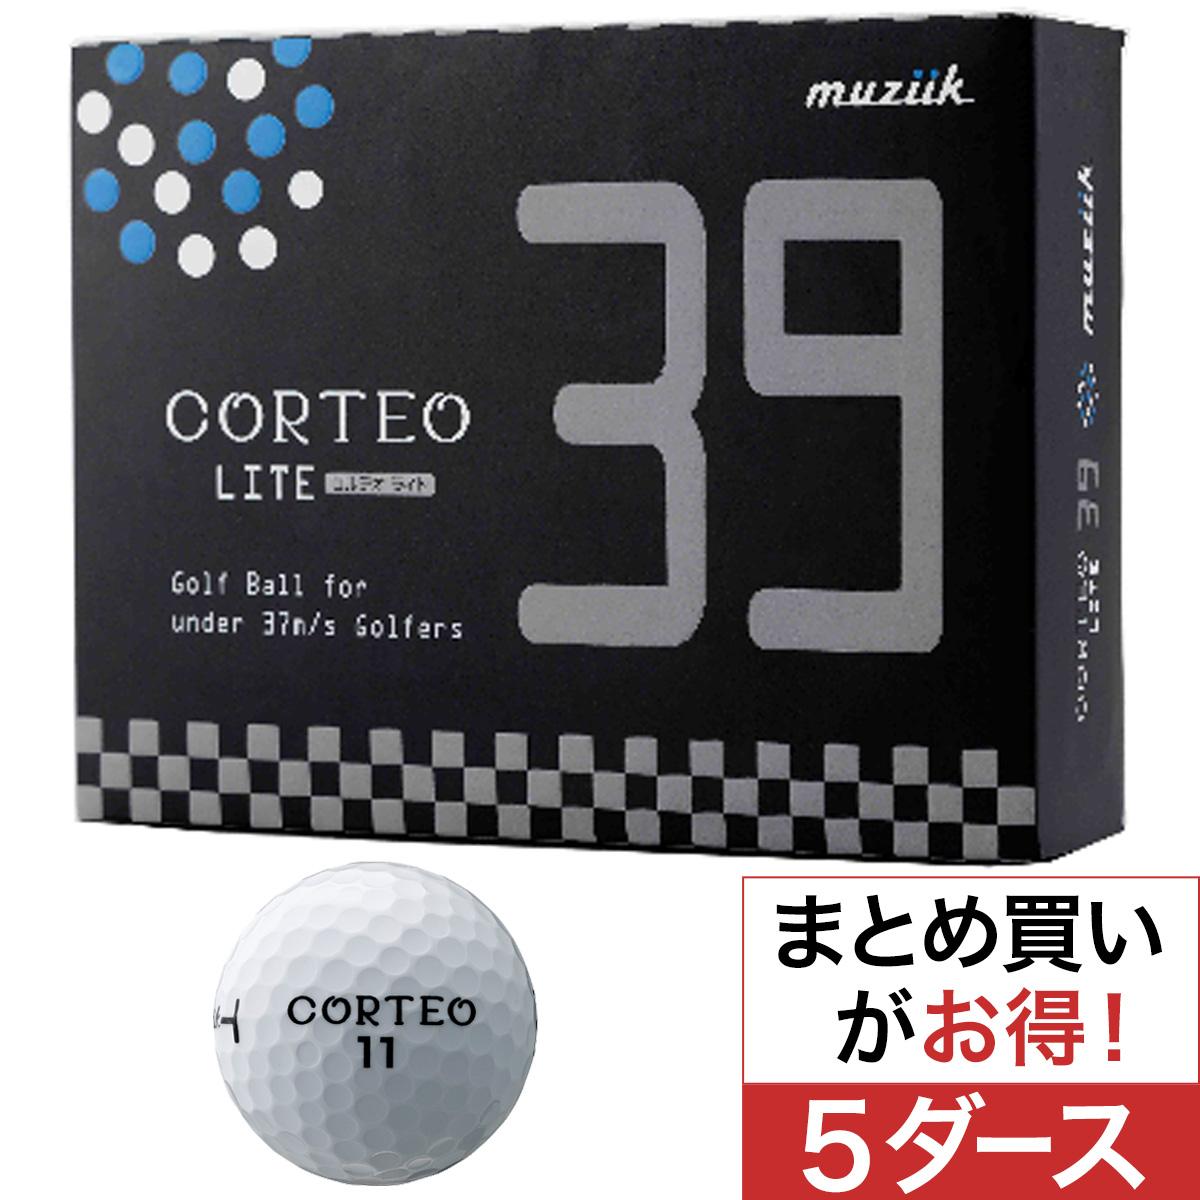 コルテオライト39 ボール 5ダースセットレディス